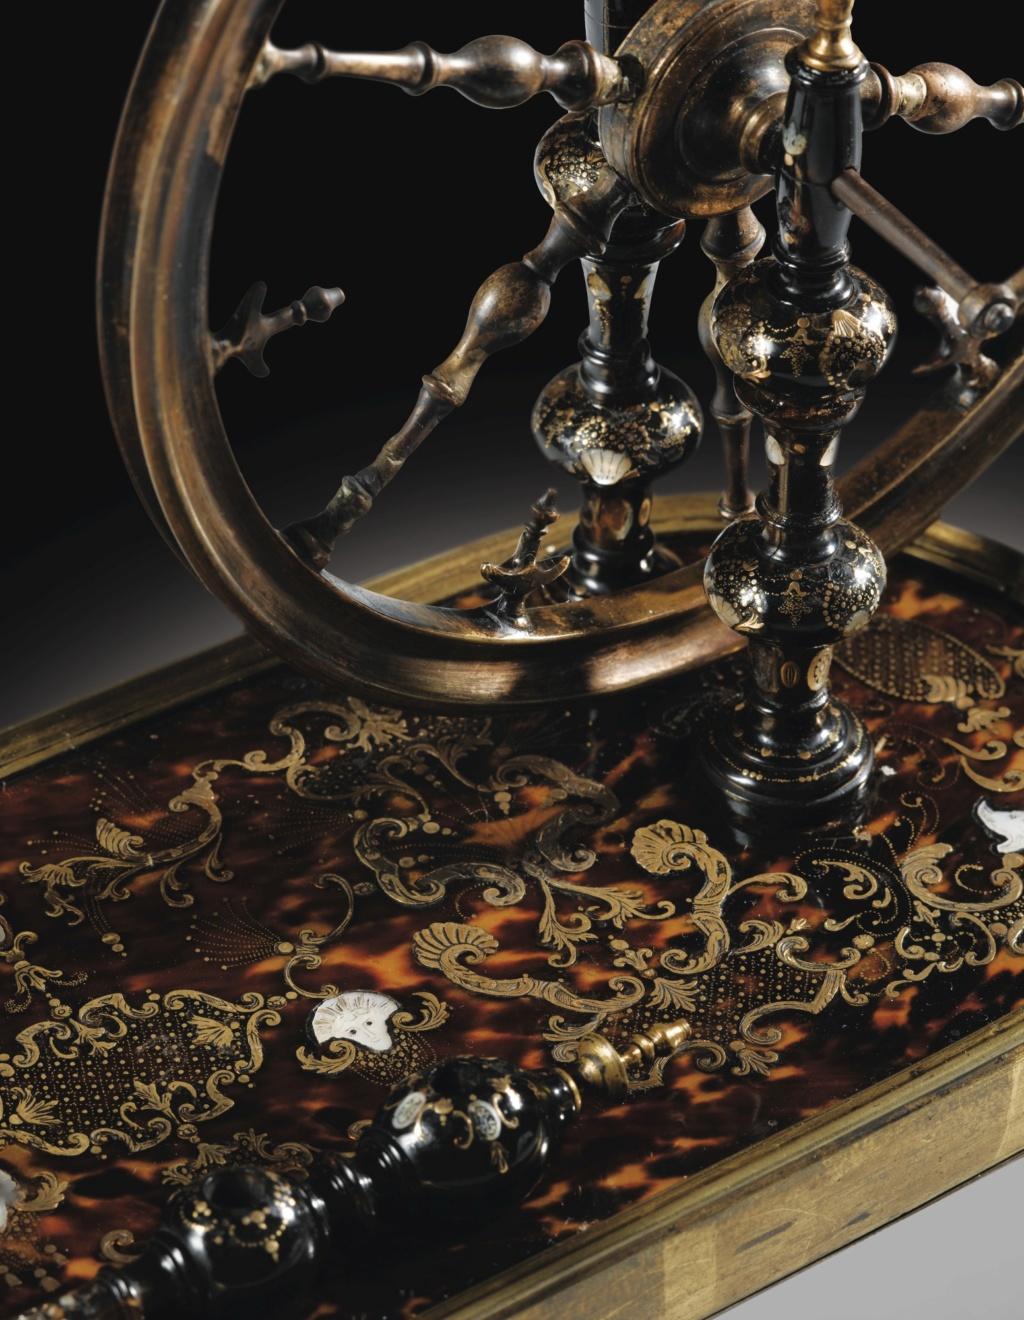 Un rouet ayant appartenu à Marie-Antoinette ? Les rouets au XVIIIe siècle 641pf110